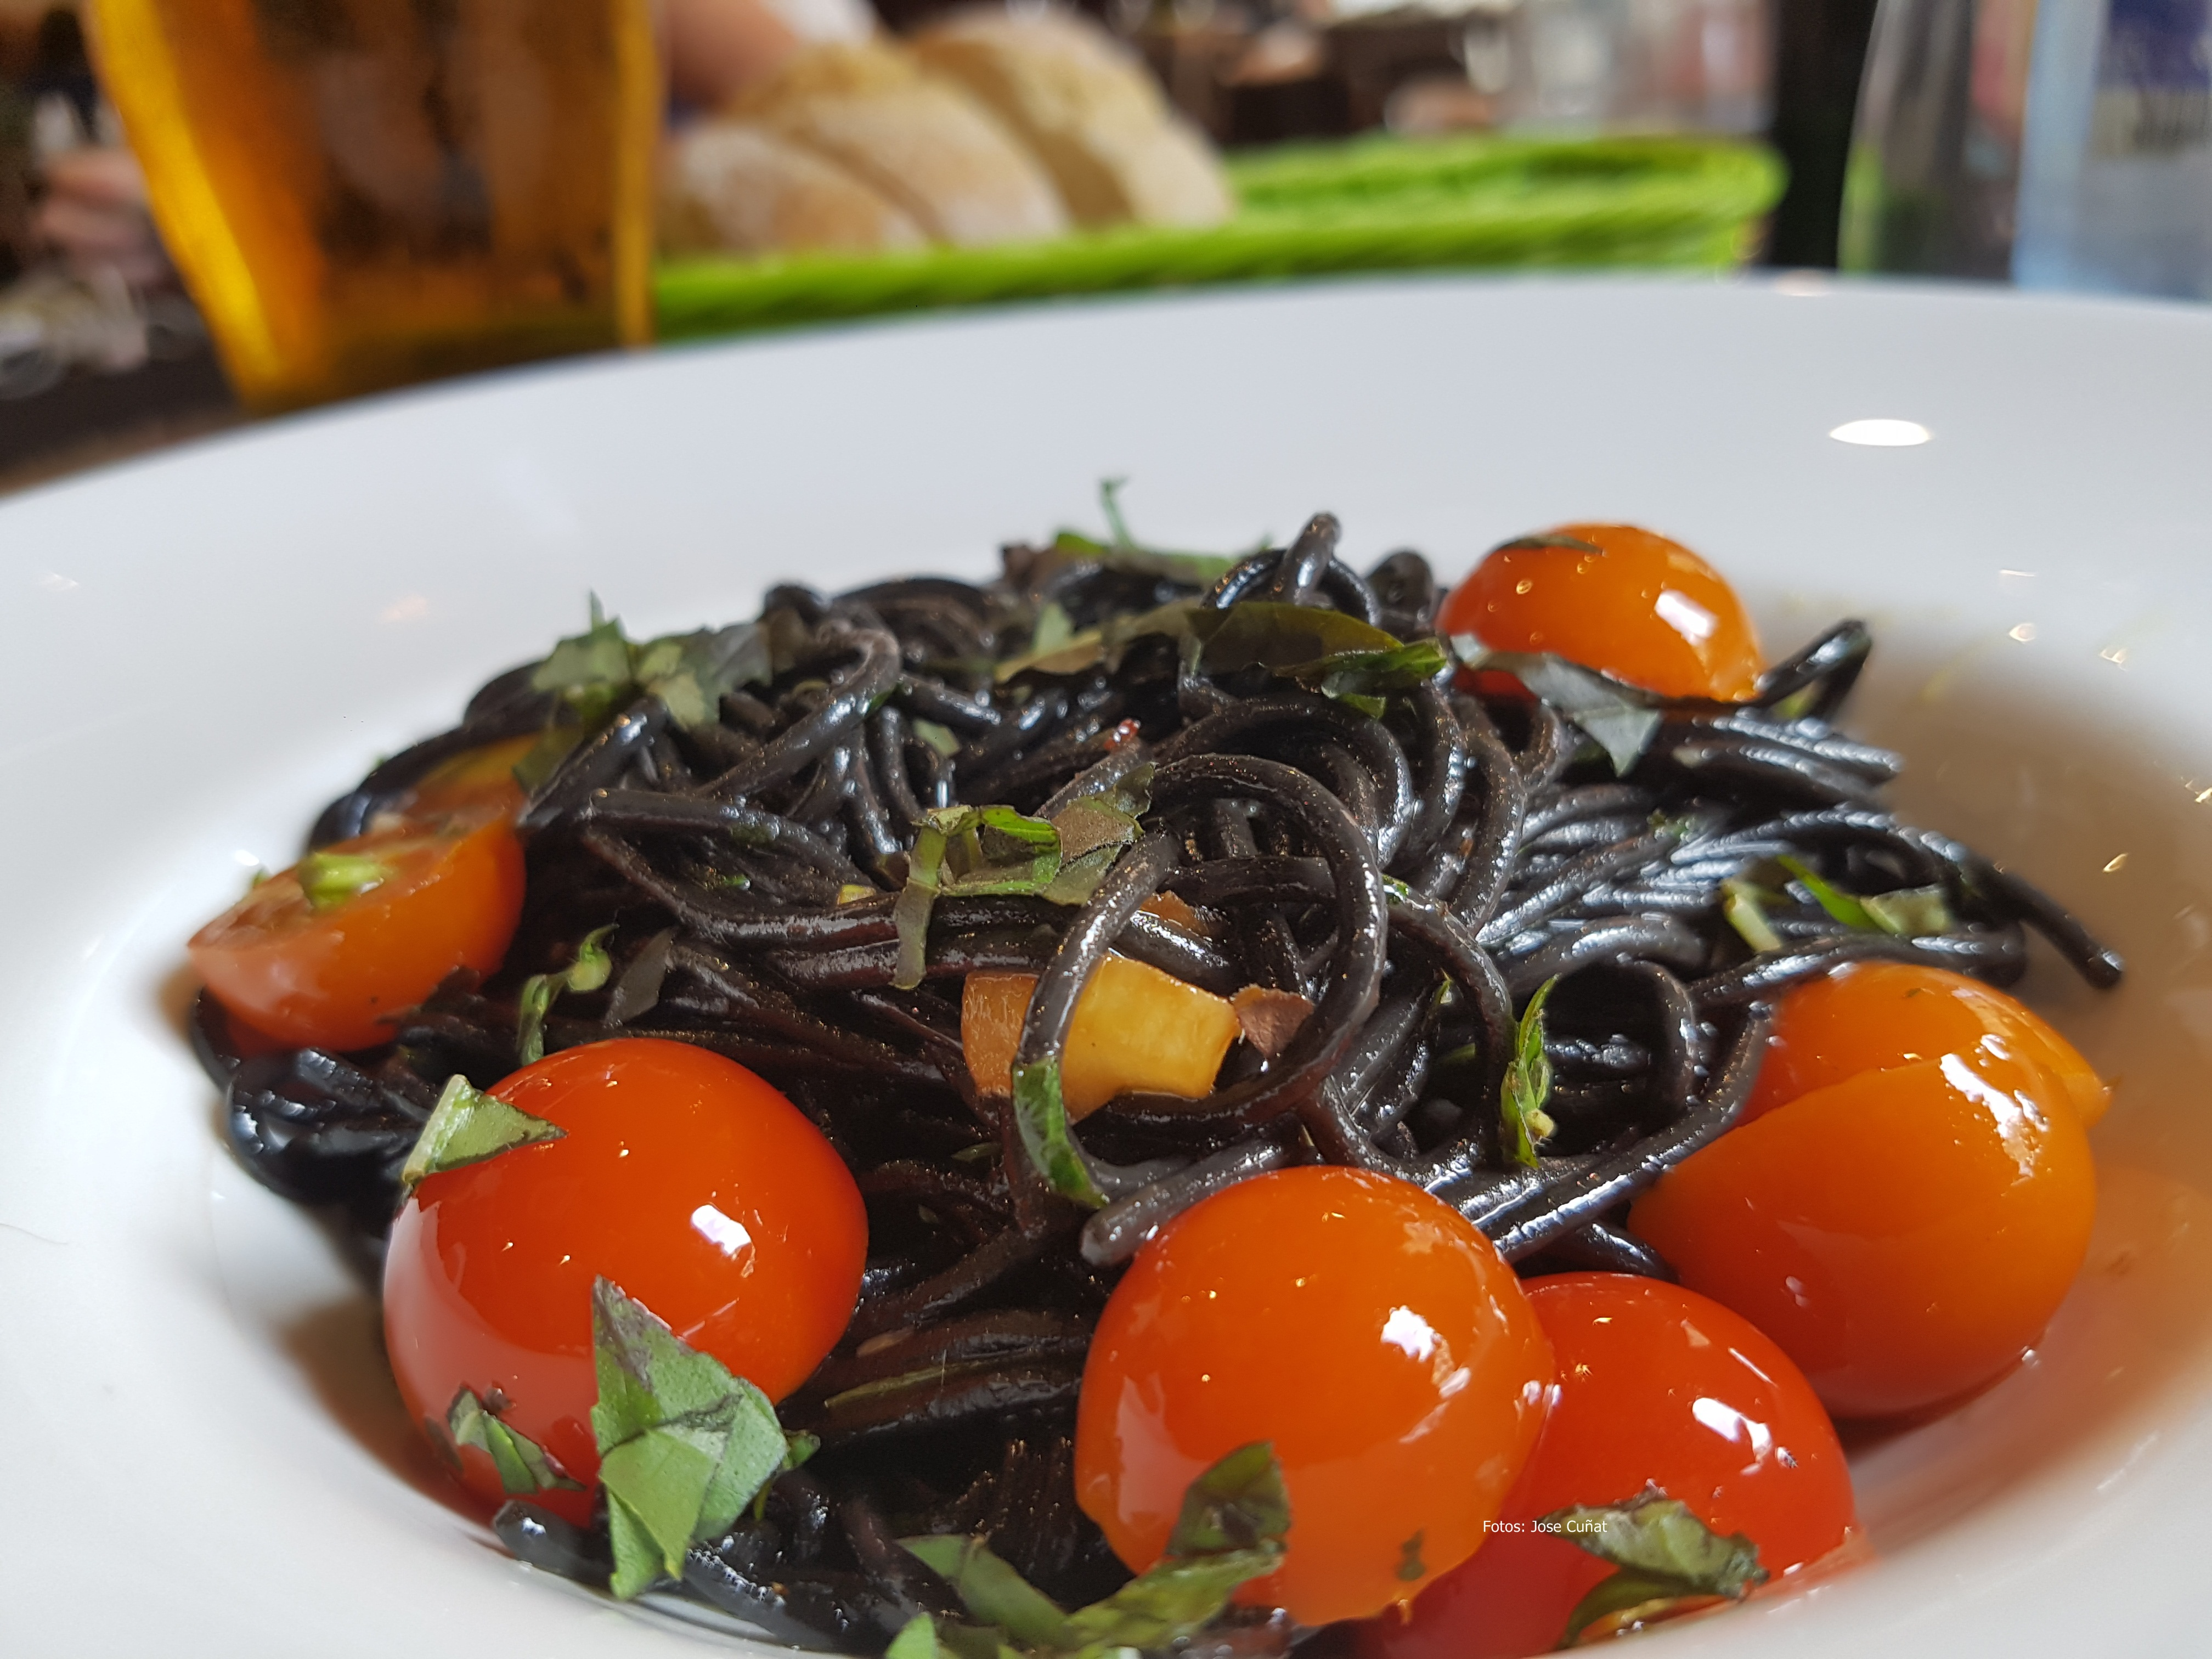 Fotografía Publicitaria, en Fotografía de Alimentos o Fotografía Gastronómica spagueti con albahaca y tomate cherri20160708_140254 (30740400)